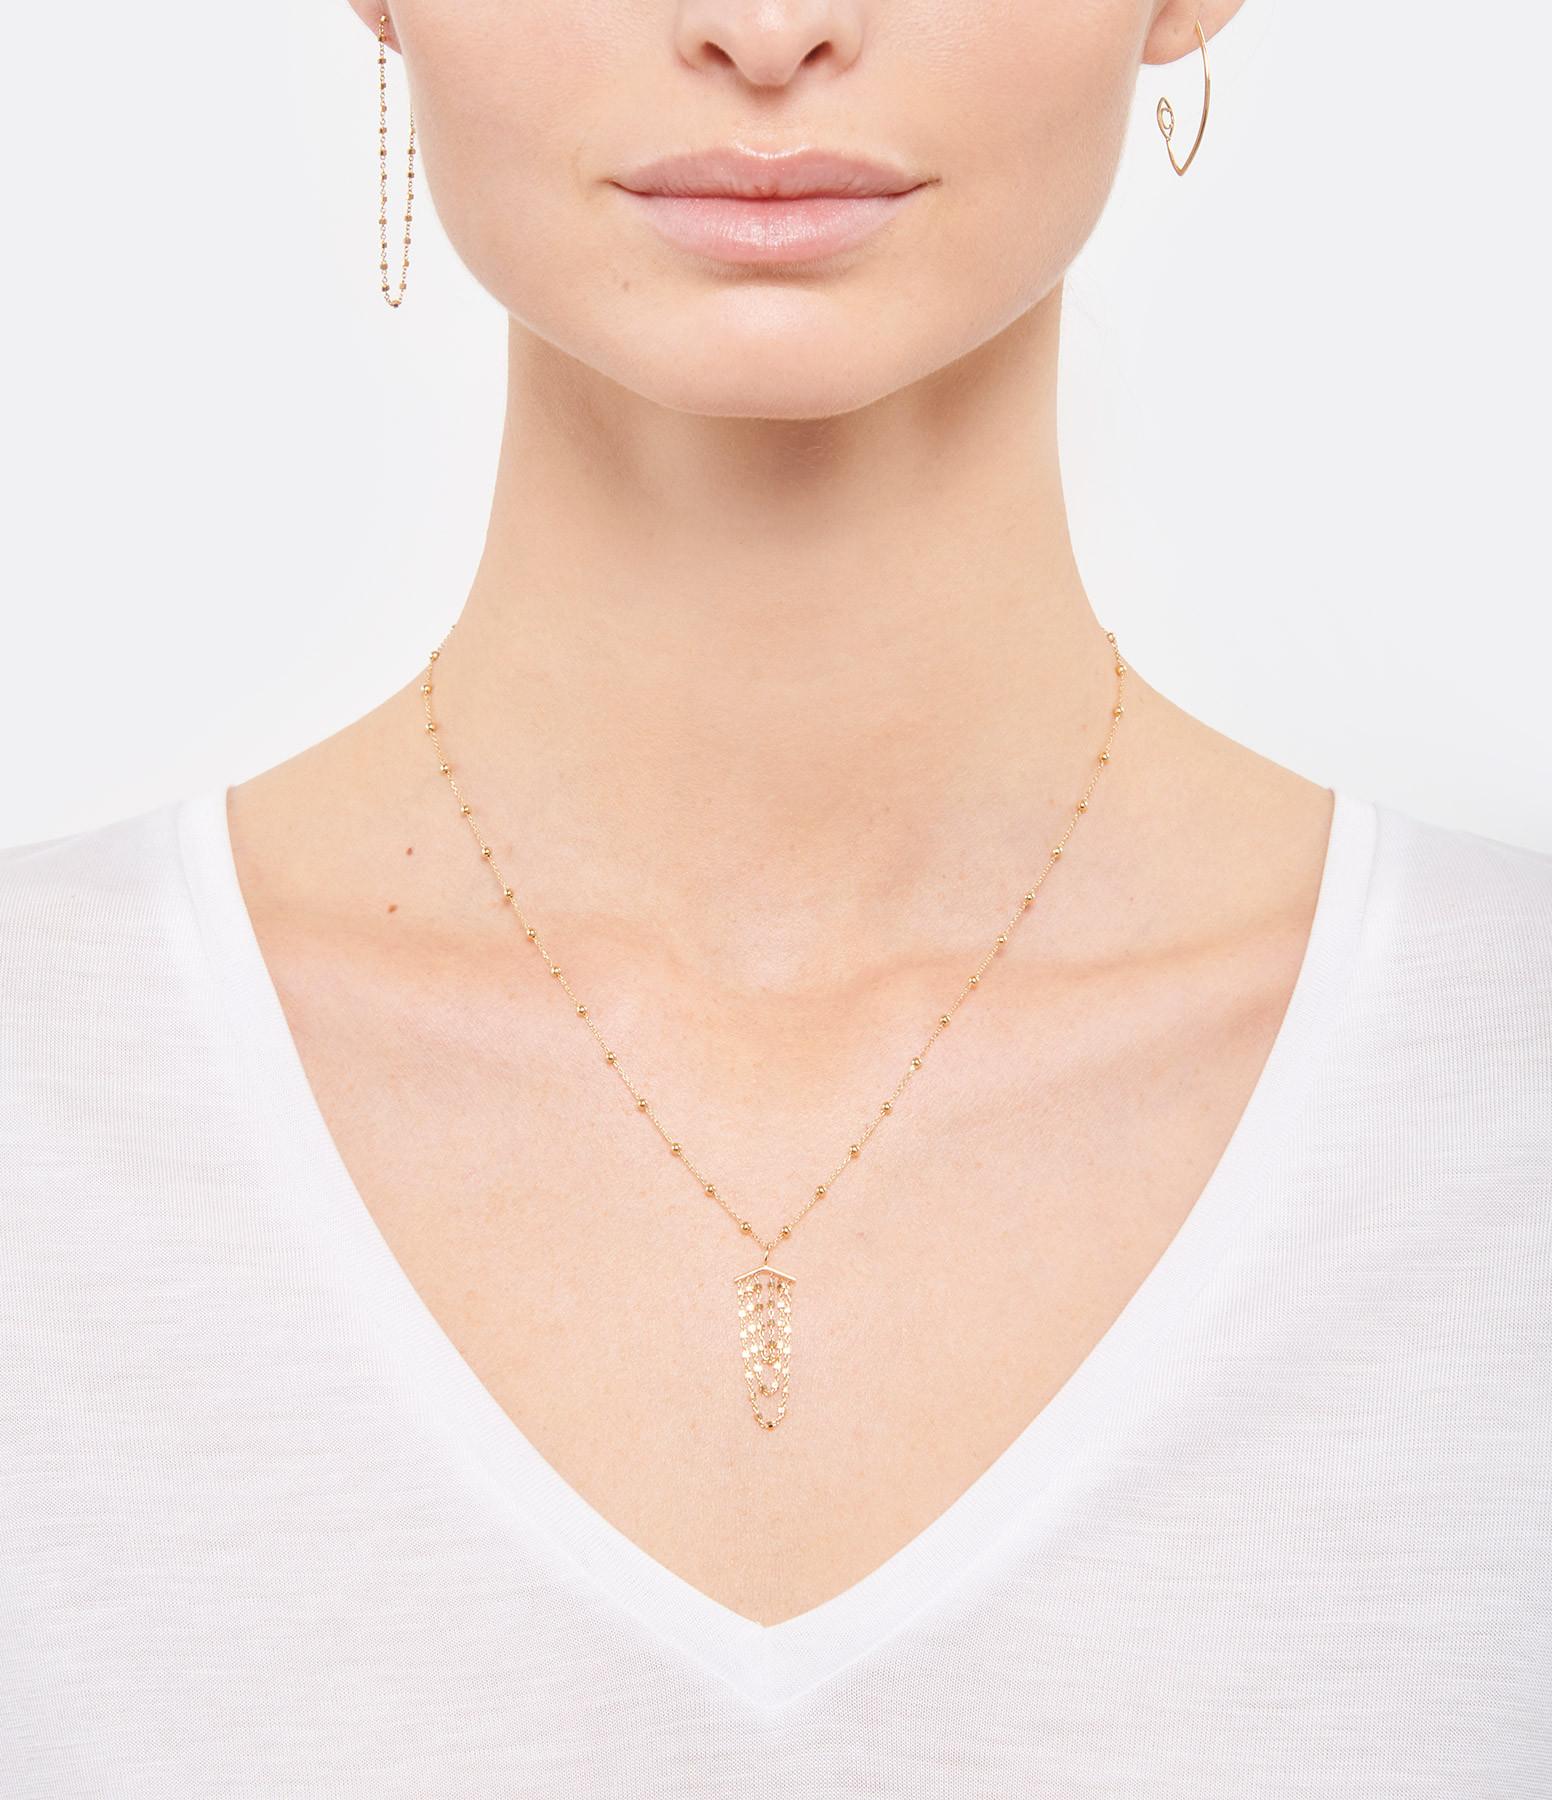 Boucle d'oreille Chaîne Diamantée 10 cm (vendue à l'unité) - CHARLET